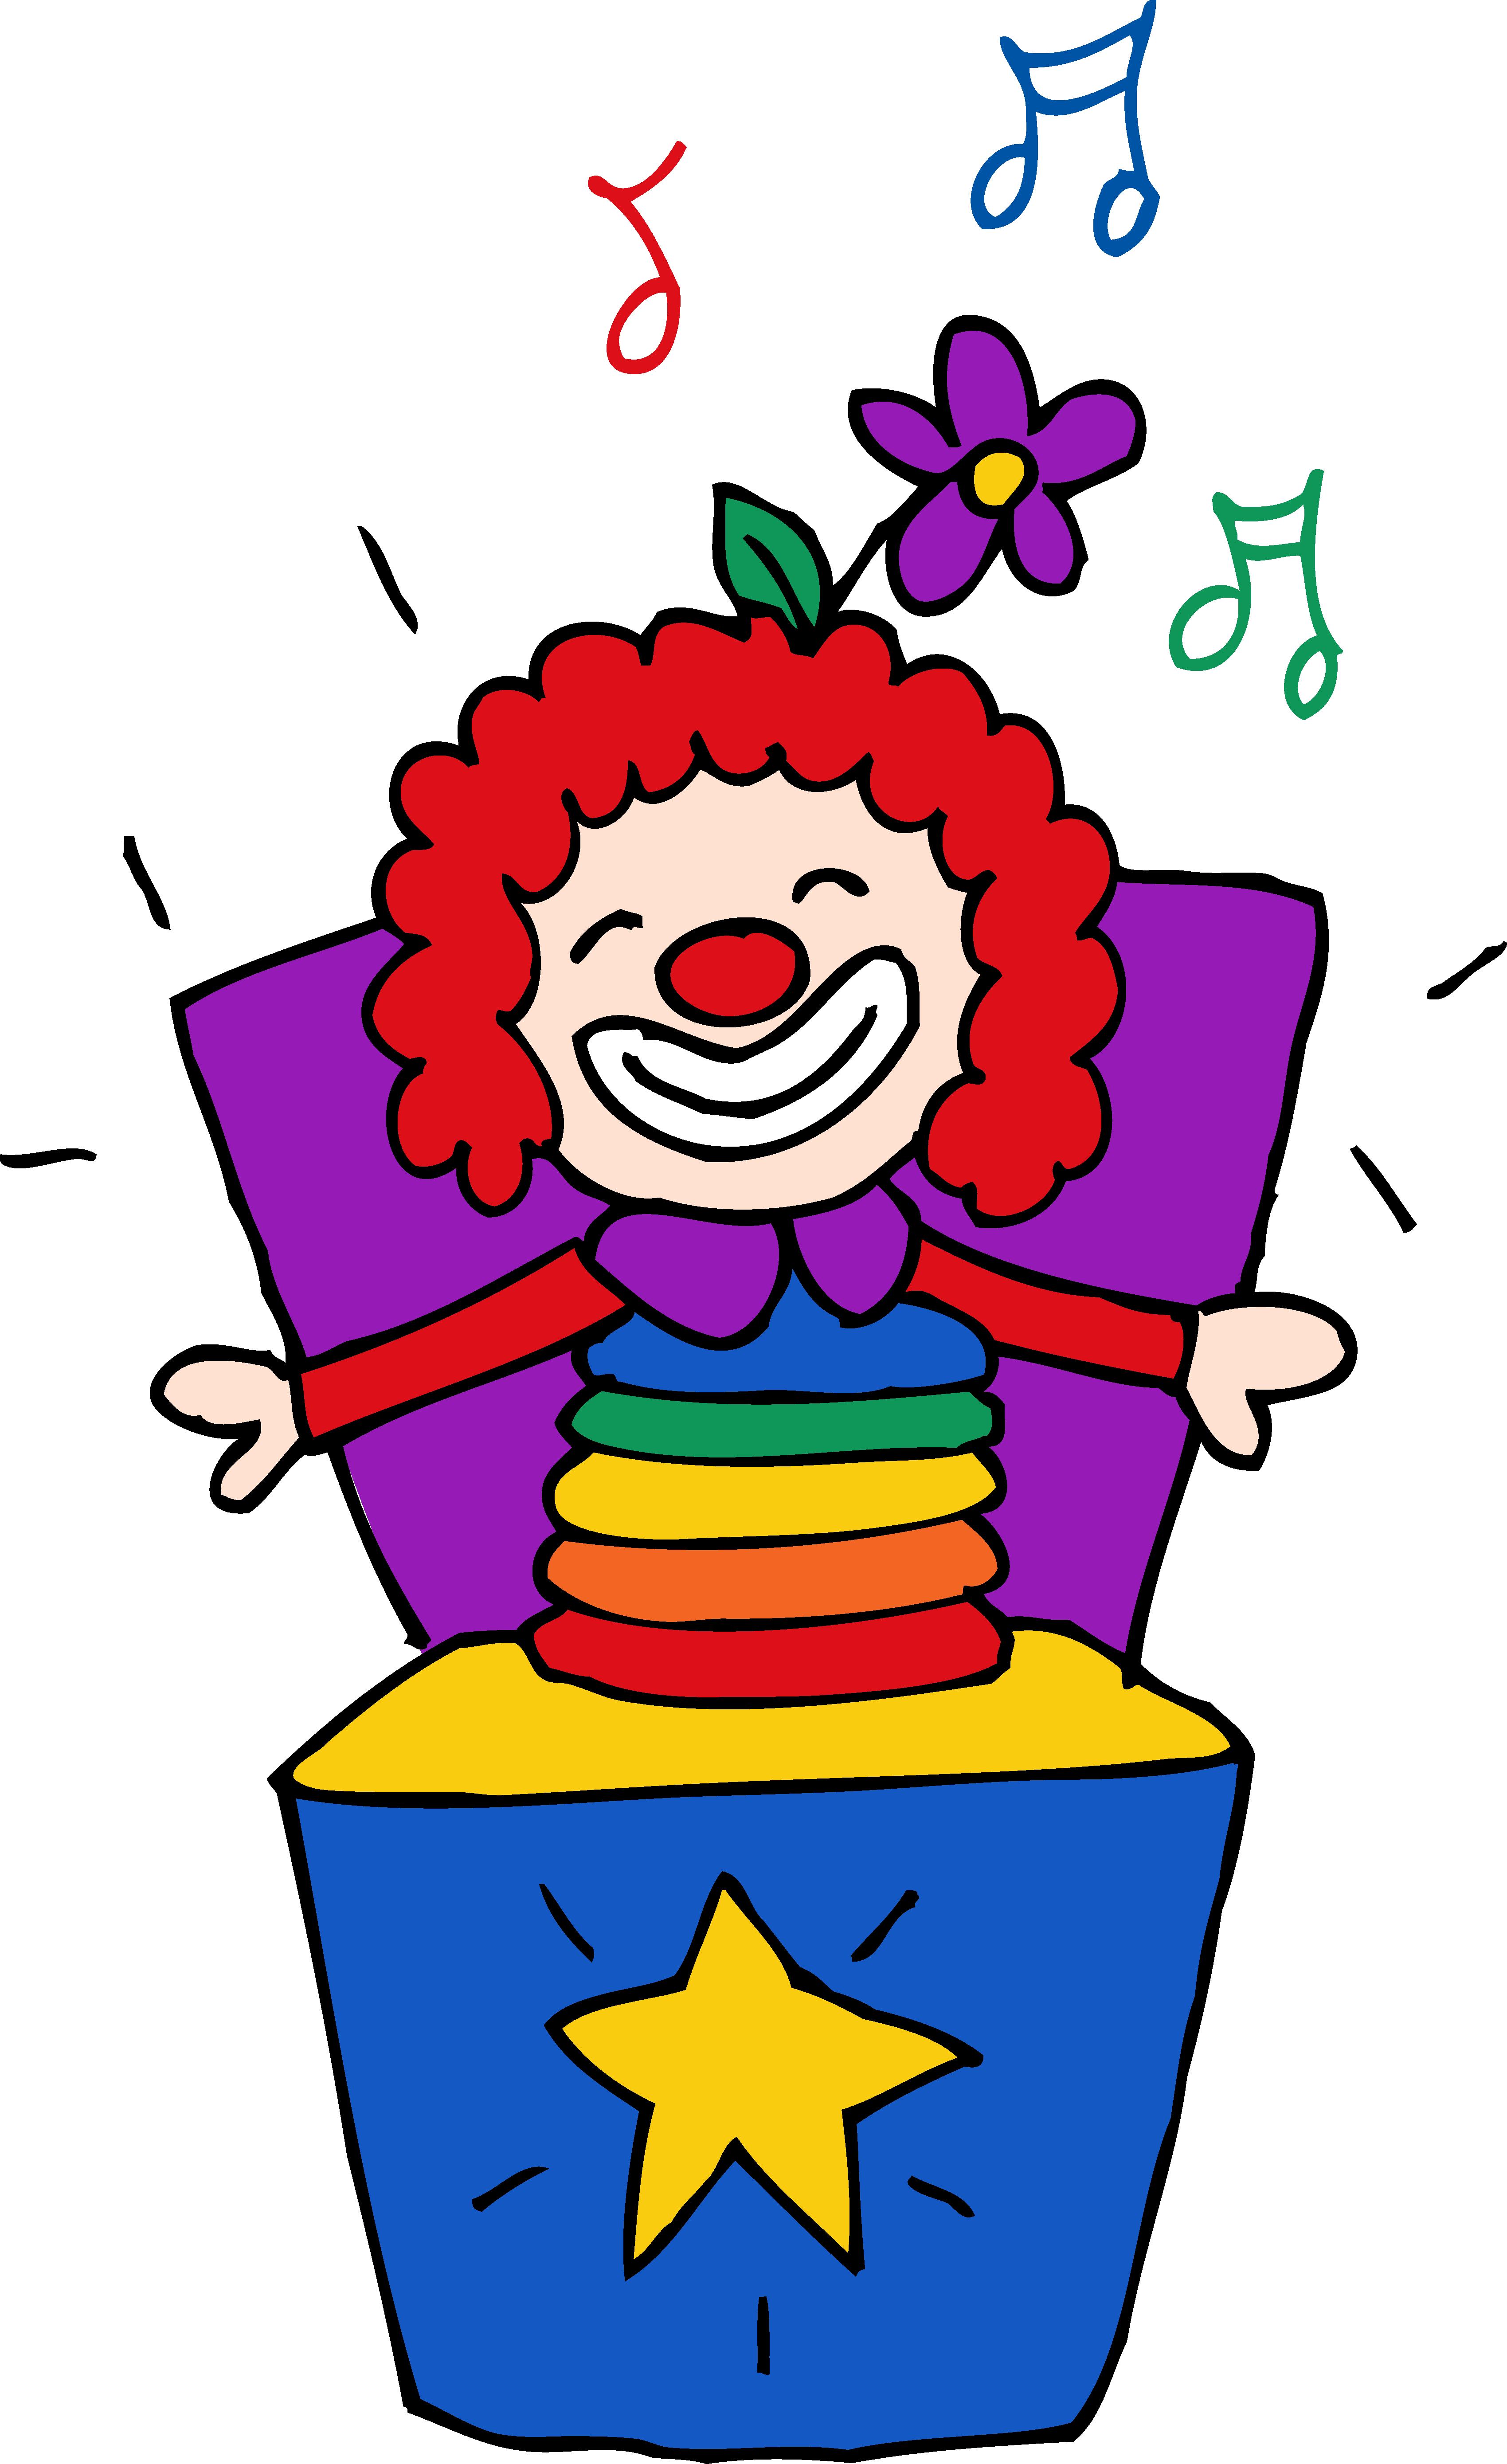 Clown colored